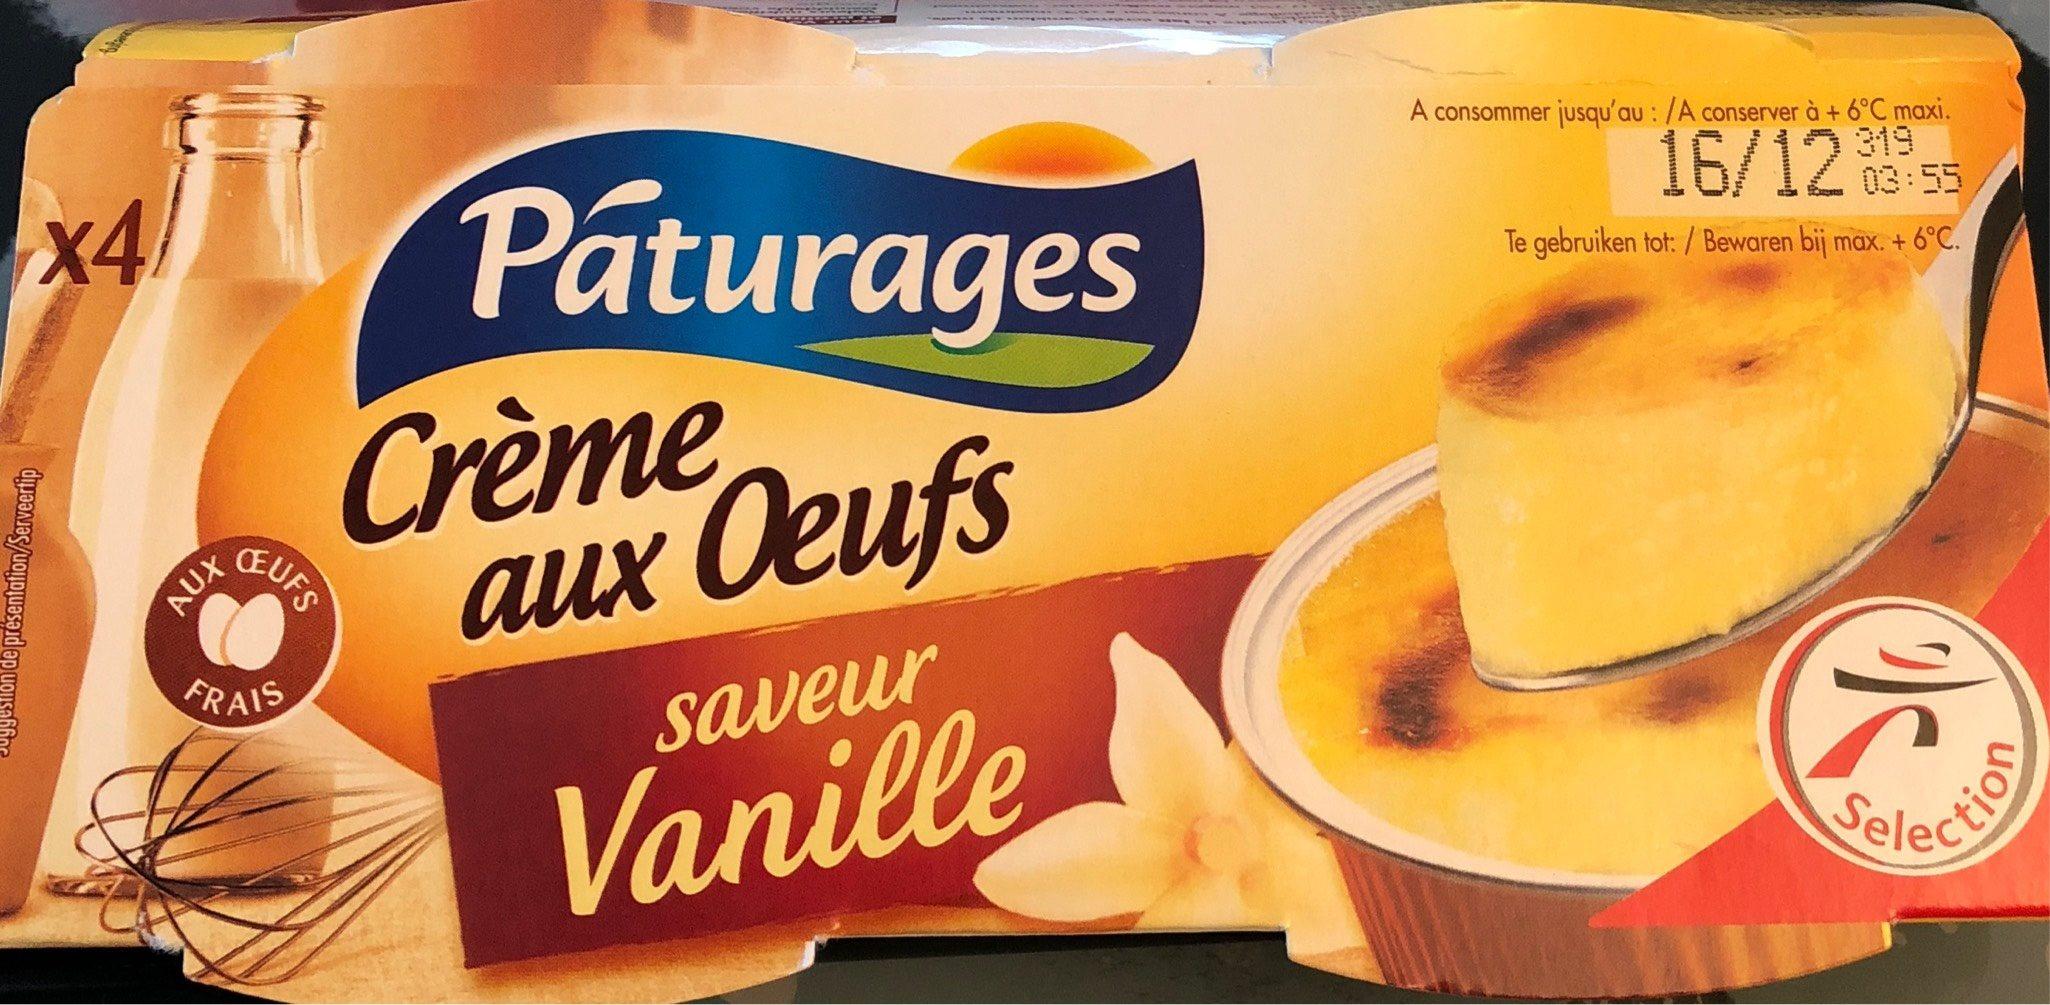 Crèmes Aux Oeufs Saveur Vanille, 4 X 125 Grammes - Produit - fr